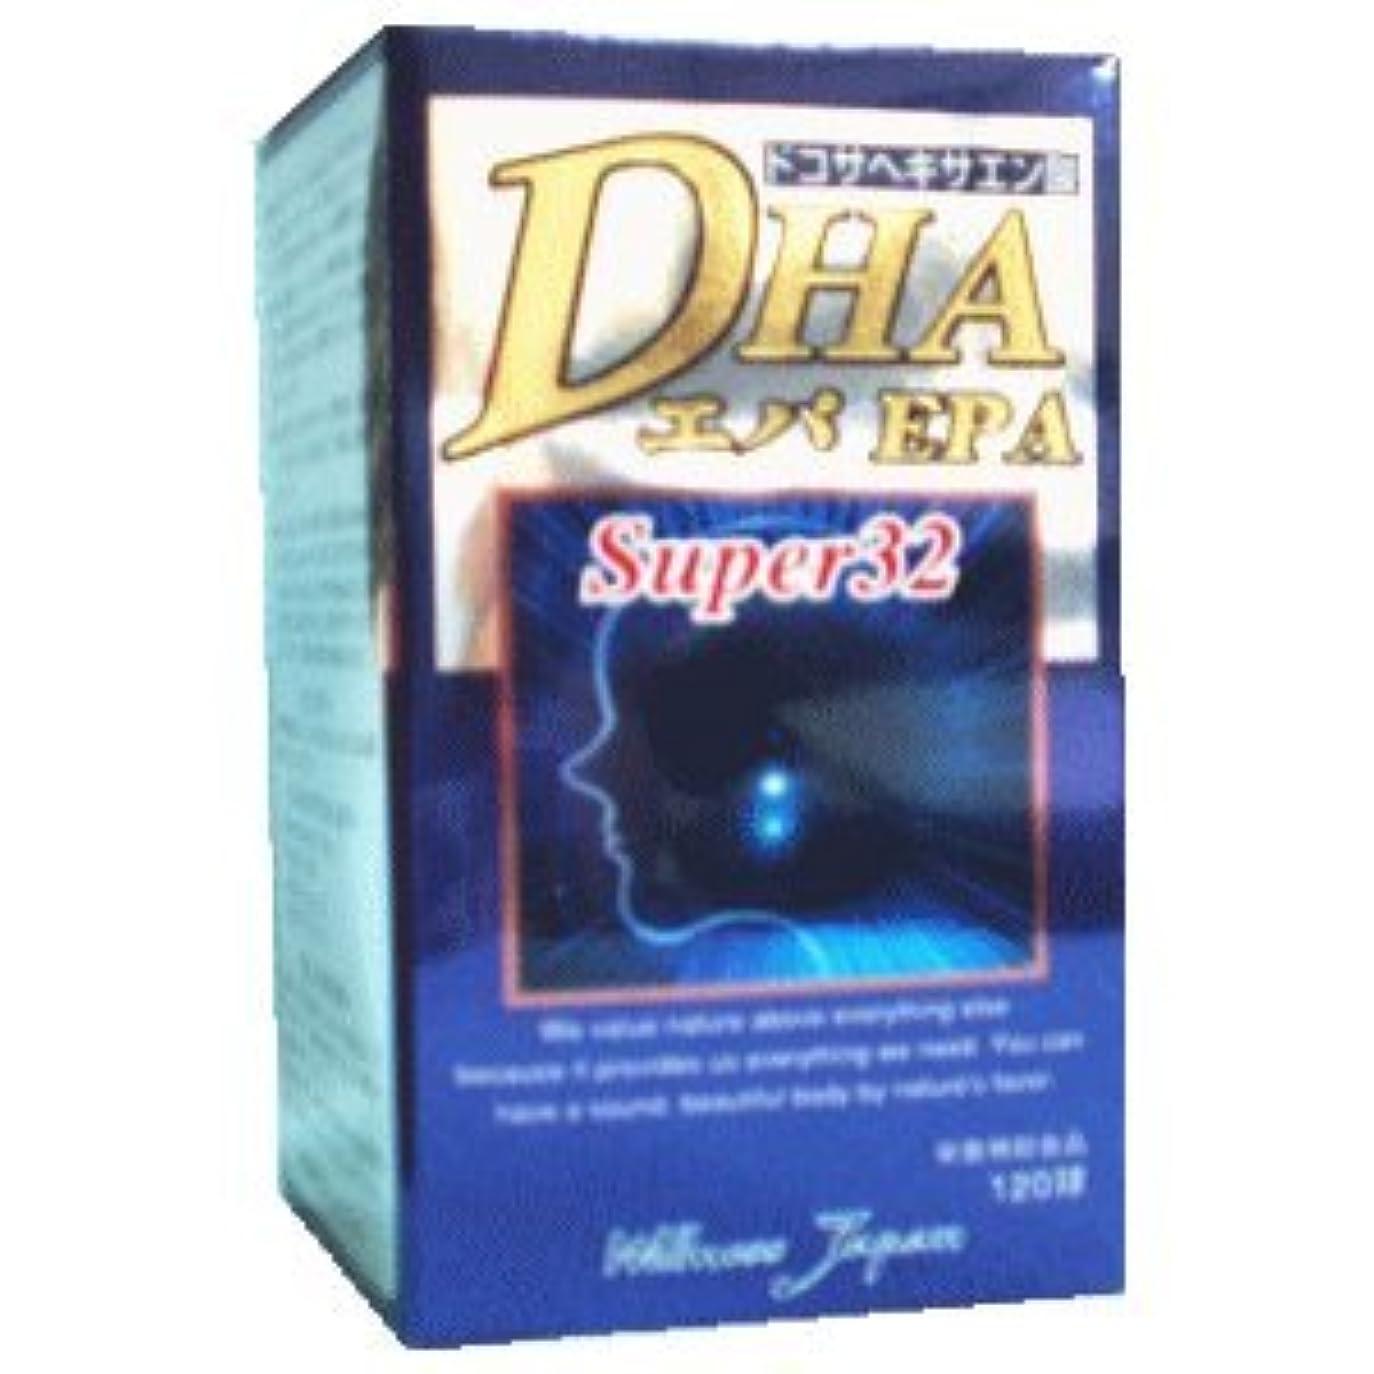 弁護人積極的に宇宙DHAエパスーパー32 120球×(3セット)